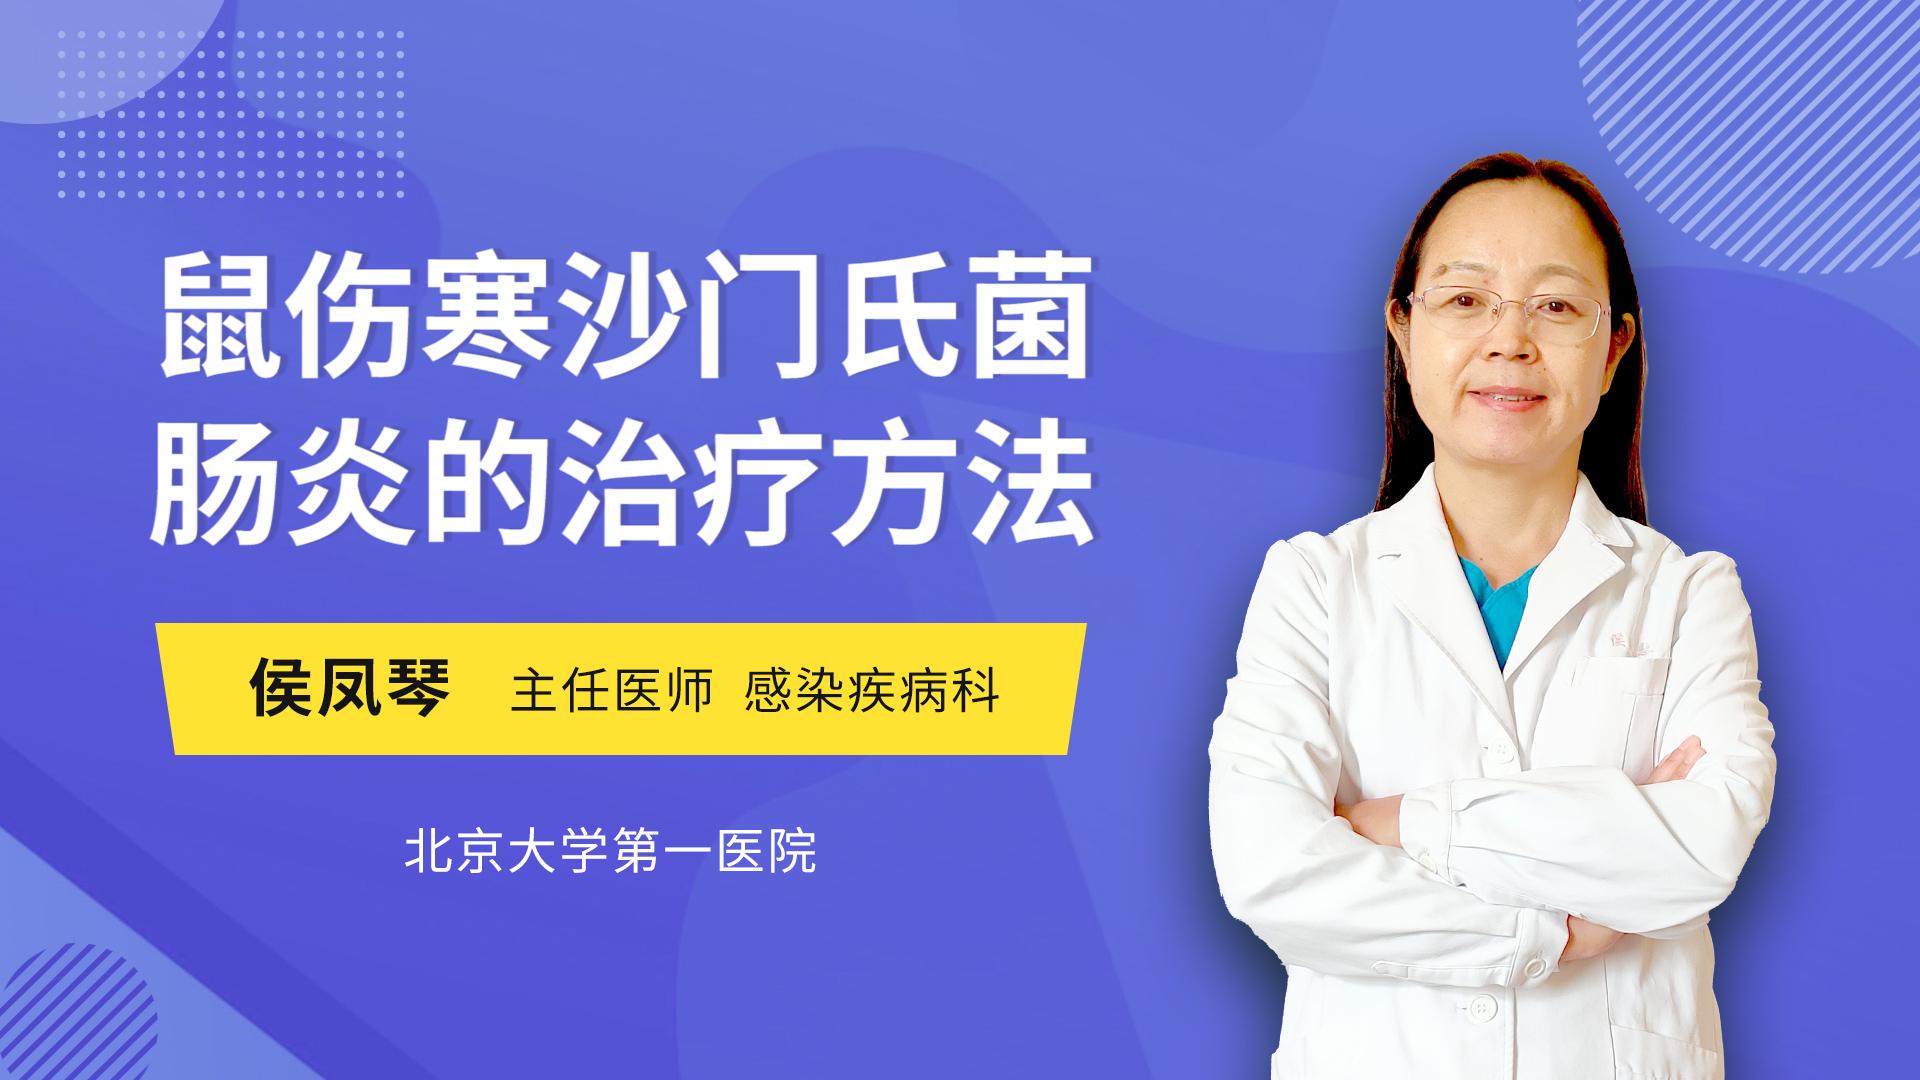 鼠伤寒沙门氏菌肠炎的治疗方法